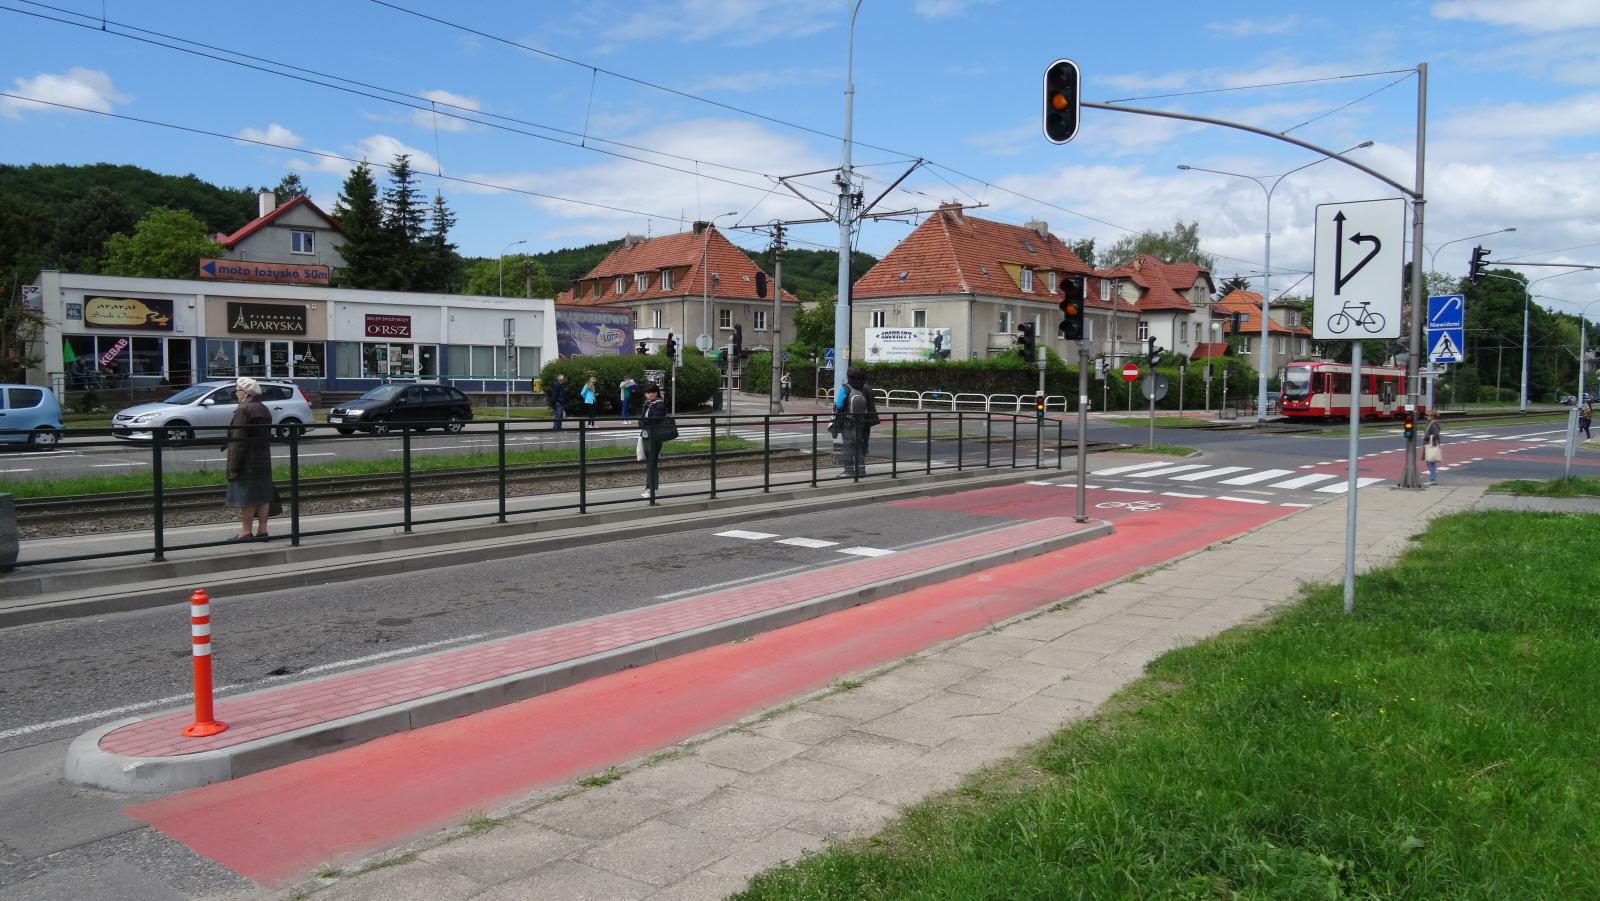 Śluza rowerowa Gdansk Wita_Stwosza_Bazynskiego